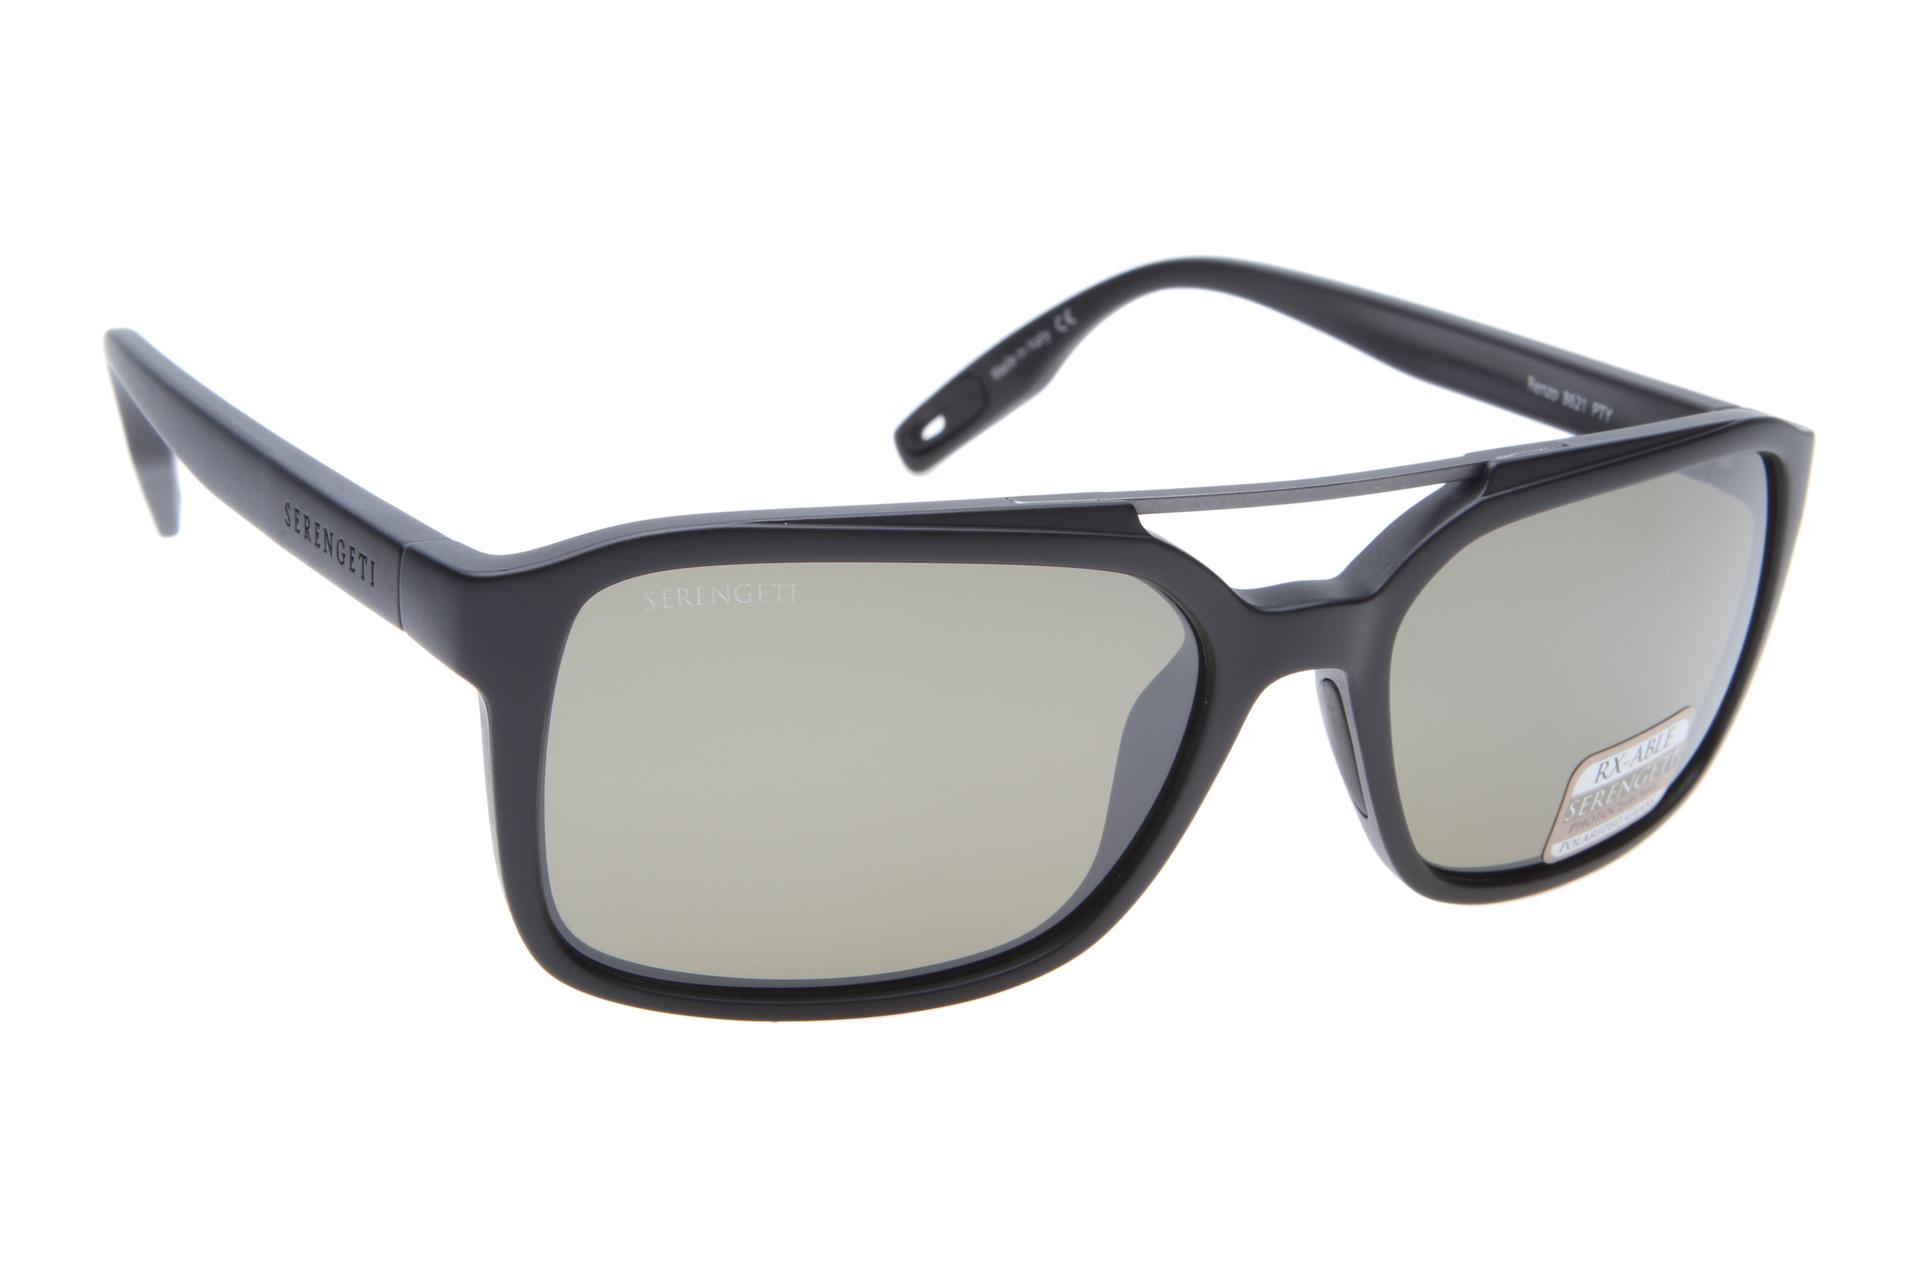 d79e0cba347 Serengeti Renzo 8621 (Satin Black Satin Dark Gunmetal) Gepol zonnebril